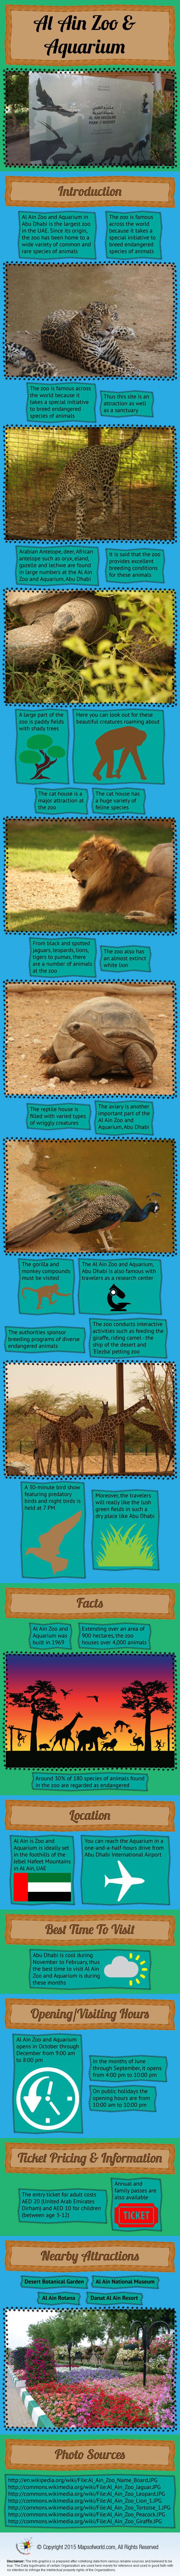 Al Ain Zoo and Aquarium Infographic